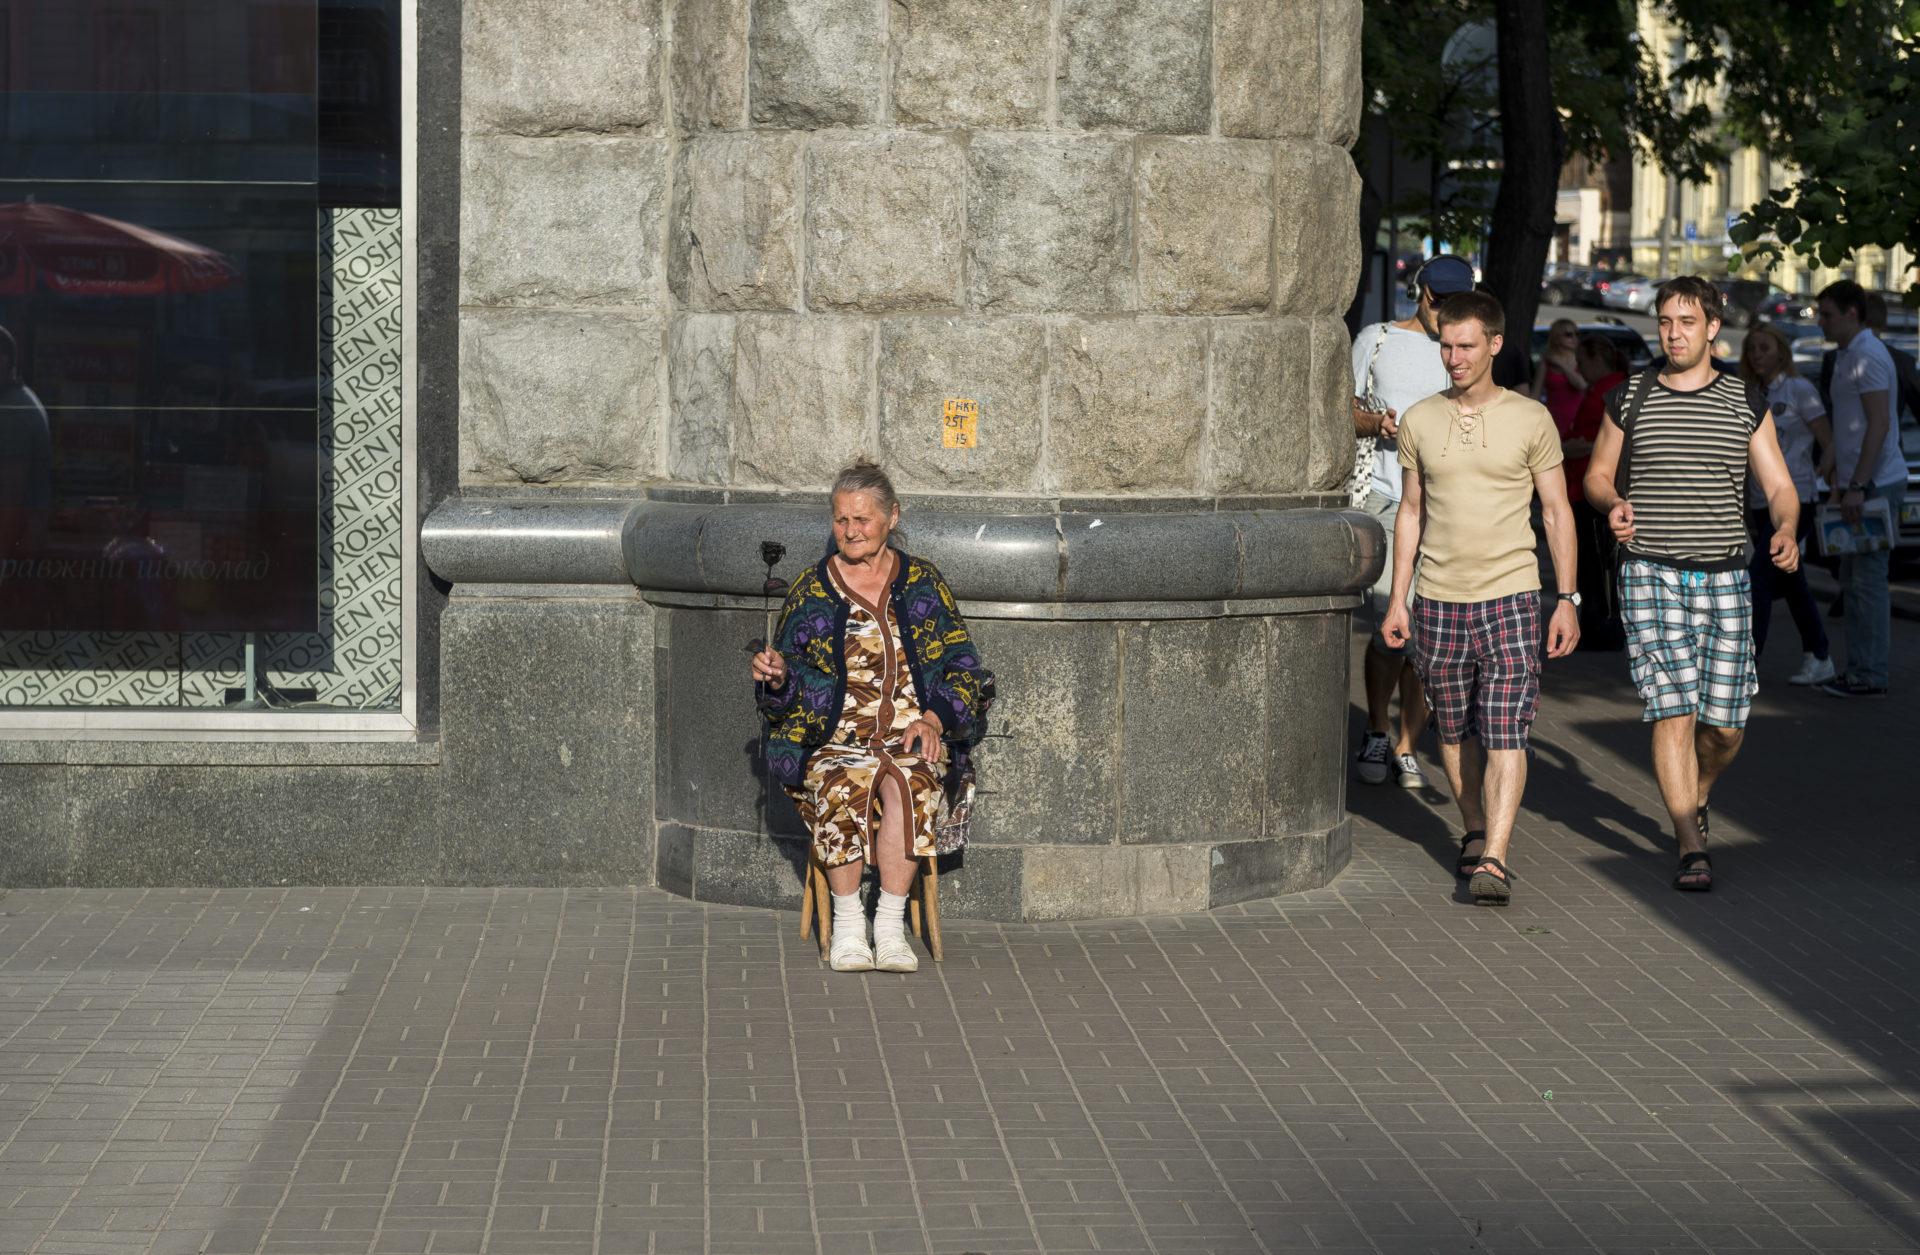 Ukraina, Kiev/Kyiv. På bilden: Skillnaden i levnadsvillkor varierar stort i Ukraina i dag. Korruptionen gör det svårt att komma till rätta med allt från offentlig administration till näringslivets vilja att följa lagarna. Stora brister i både det politiska livet och inom rättsväsendet gör att problemen lever vidare – så länge många har att tjäna på det rådande systemet. Foto: Johan Lindstén